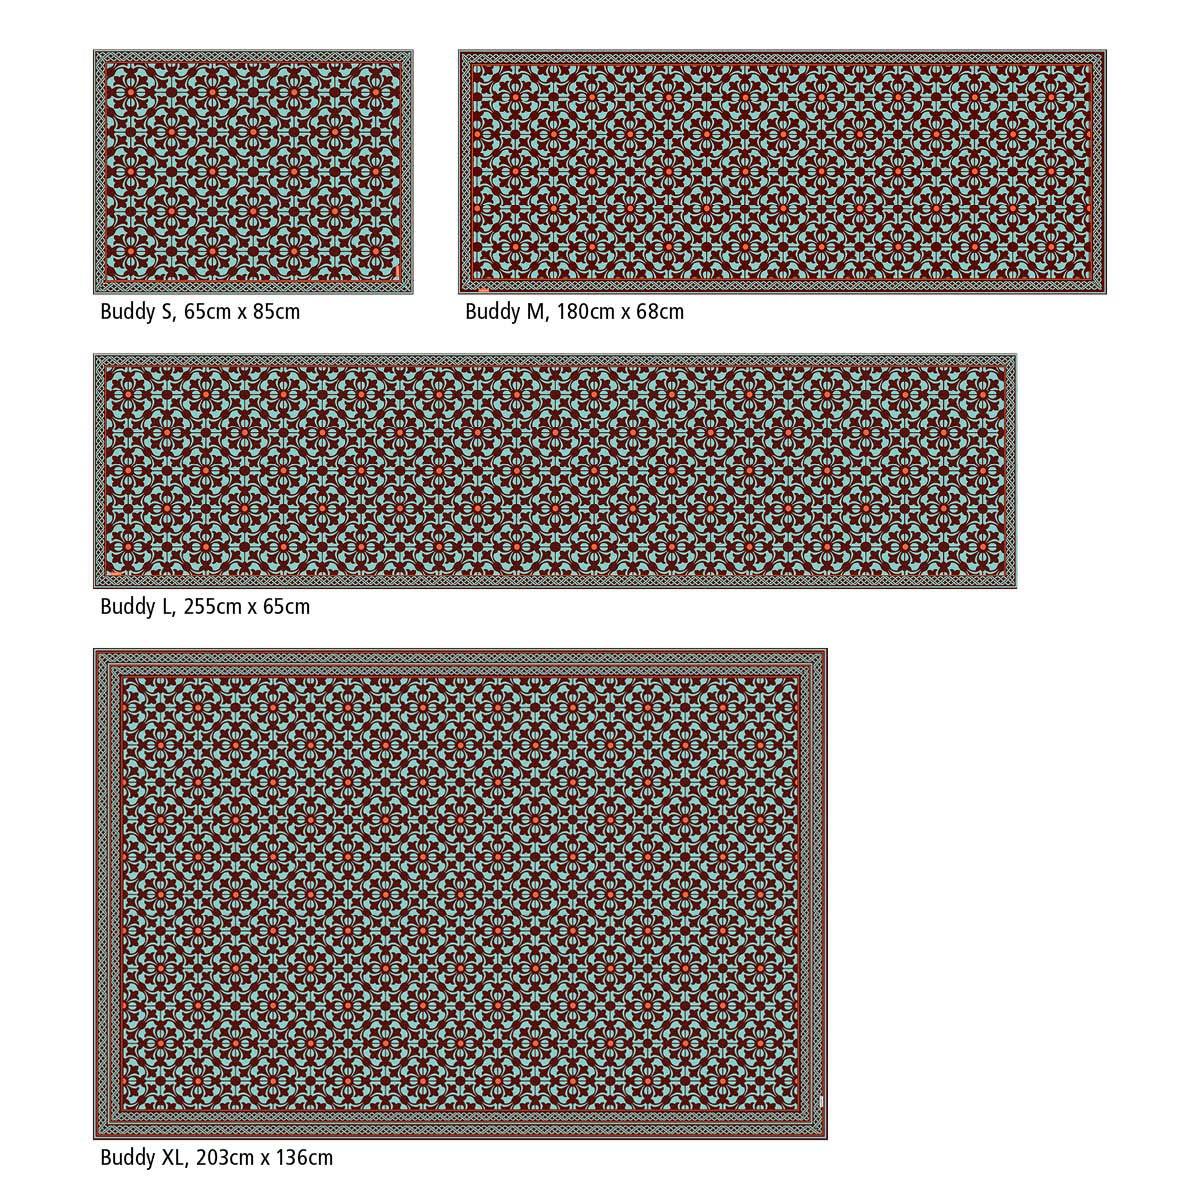 Myspotti - Buddy Chadi Rutschfeste Bodenschutzmatte Bodenschutzmatte Bodenschutzmatte aus Vinyl Badematte Küchenläufer Wohnzimmer Deko (180 x 68 cm) B07H9DB6SS Lufer 1e1b65